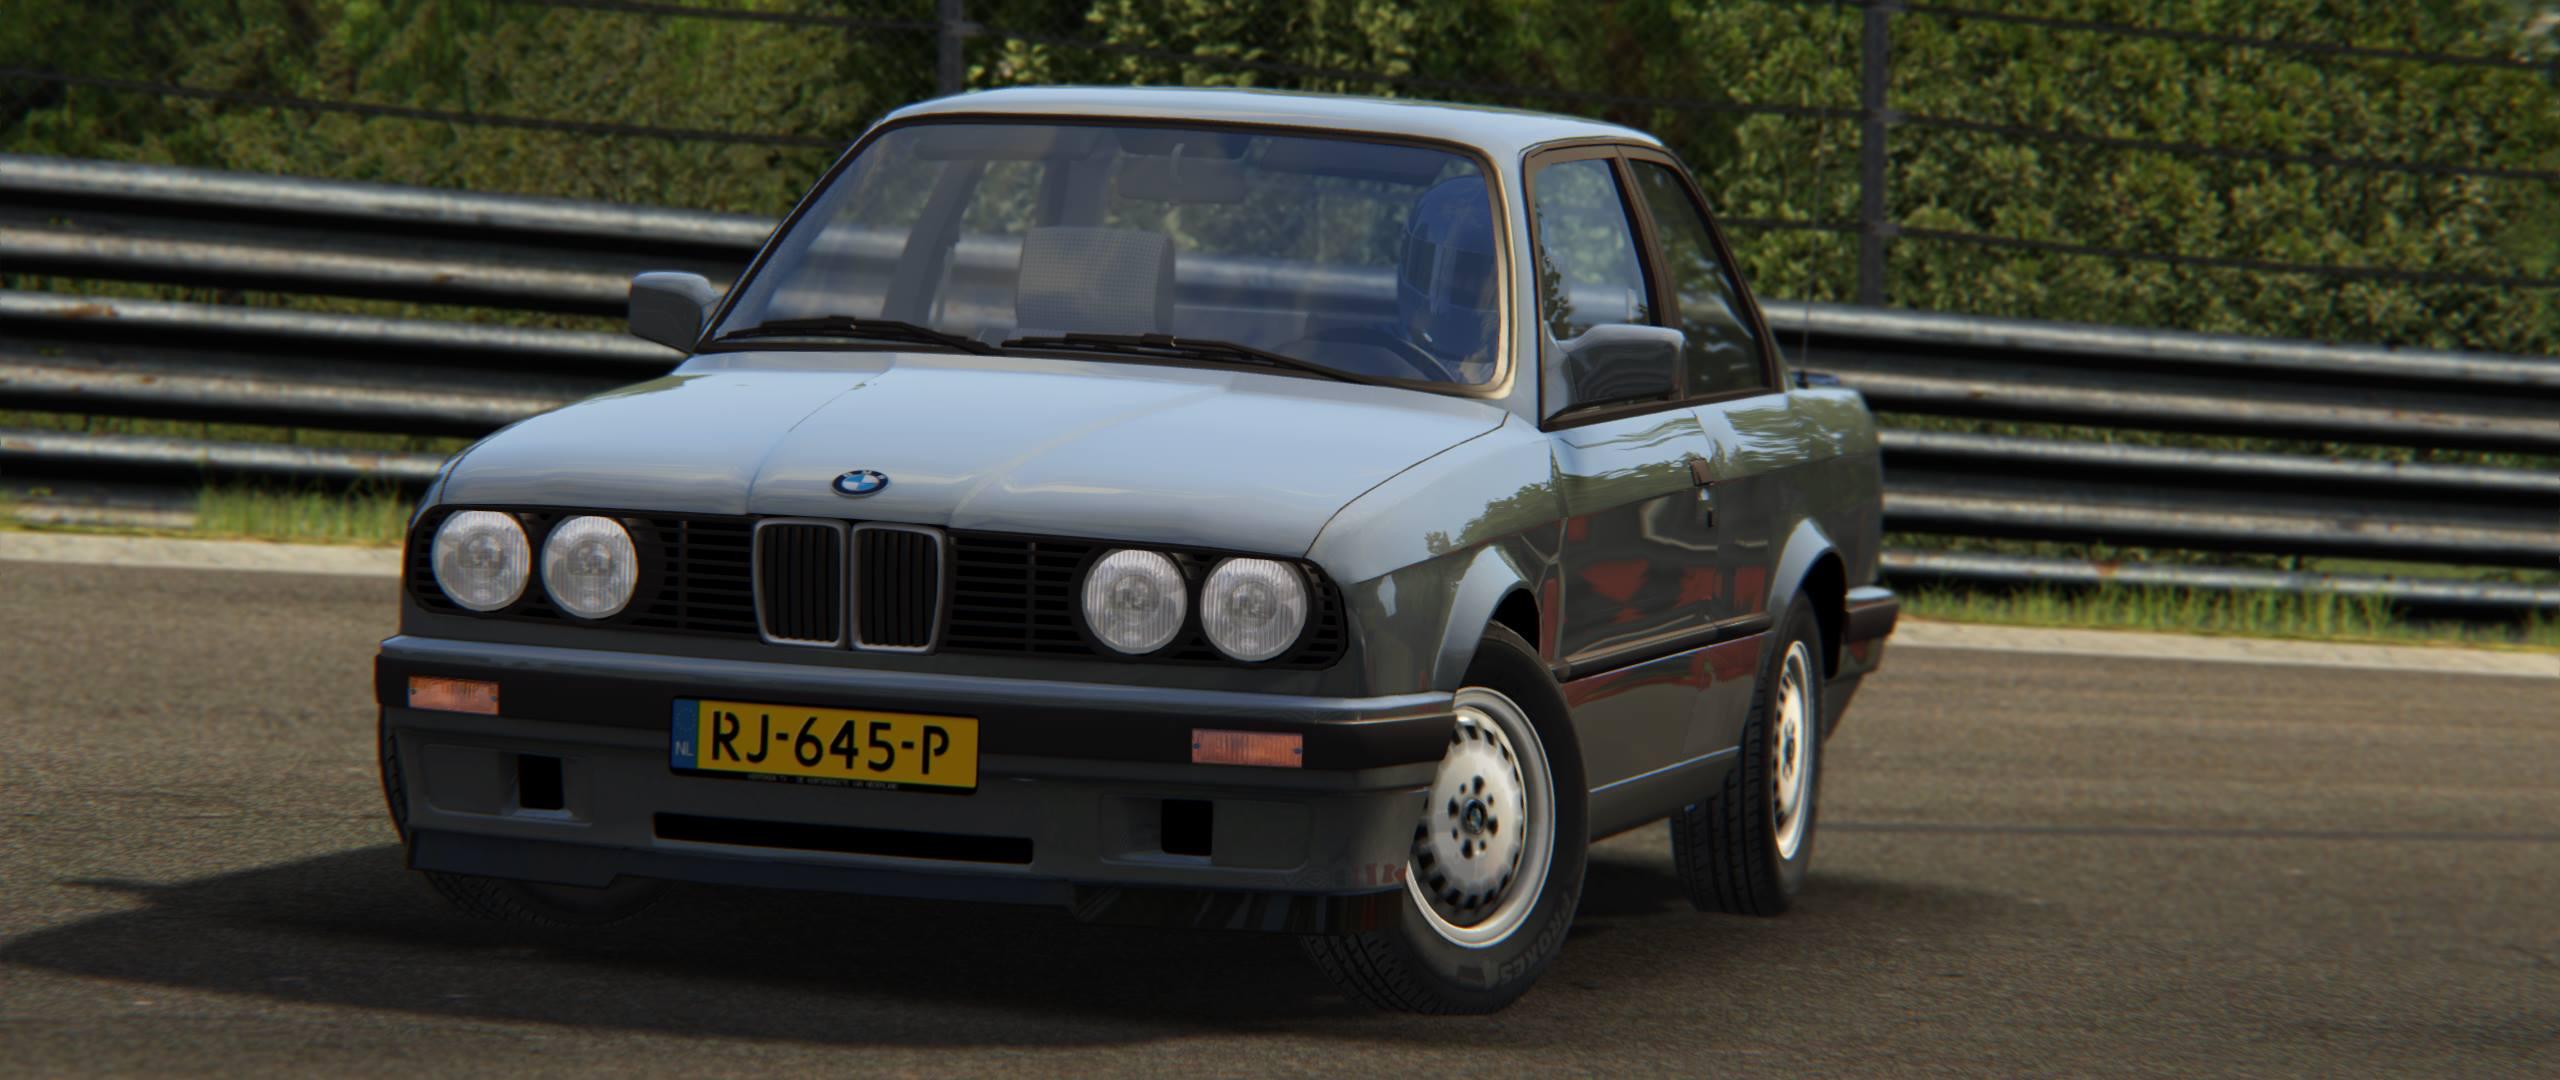 Assetto Corsa BMW E30 325i Coupe